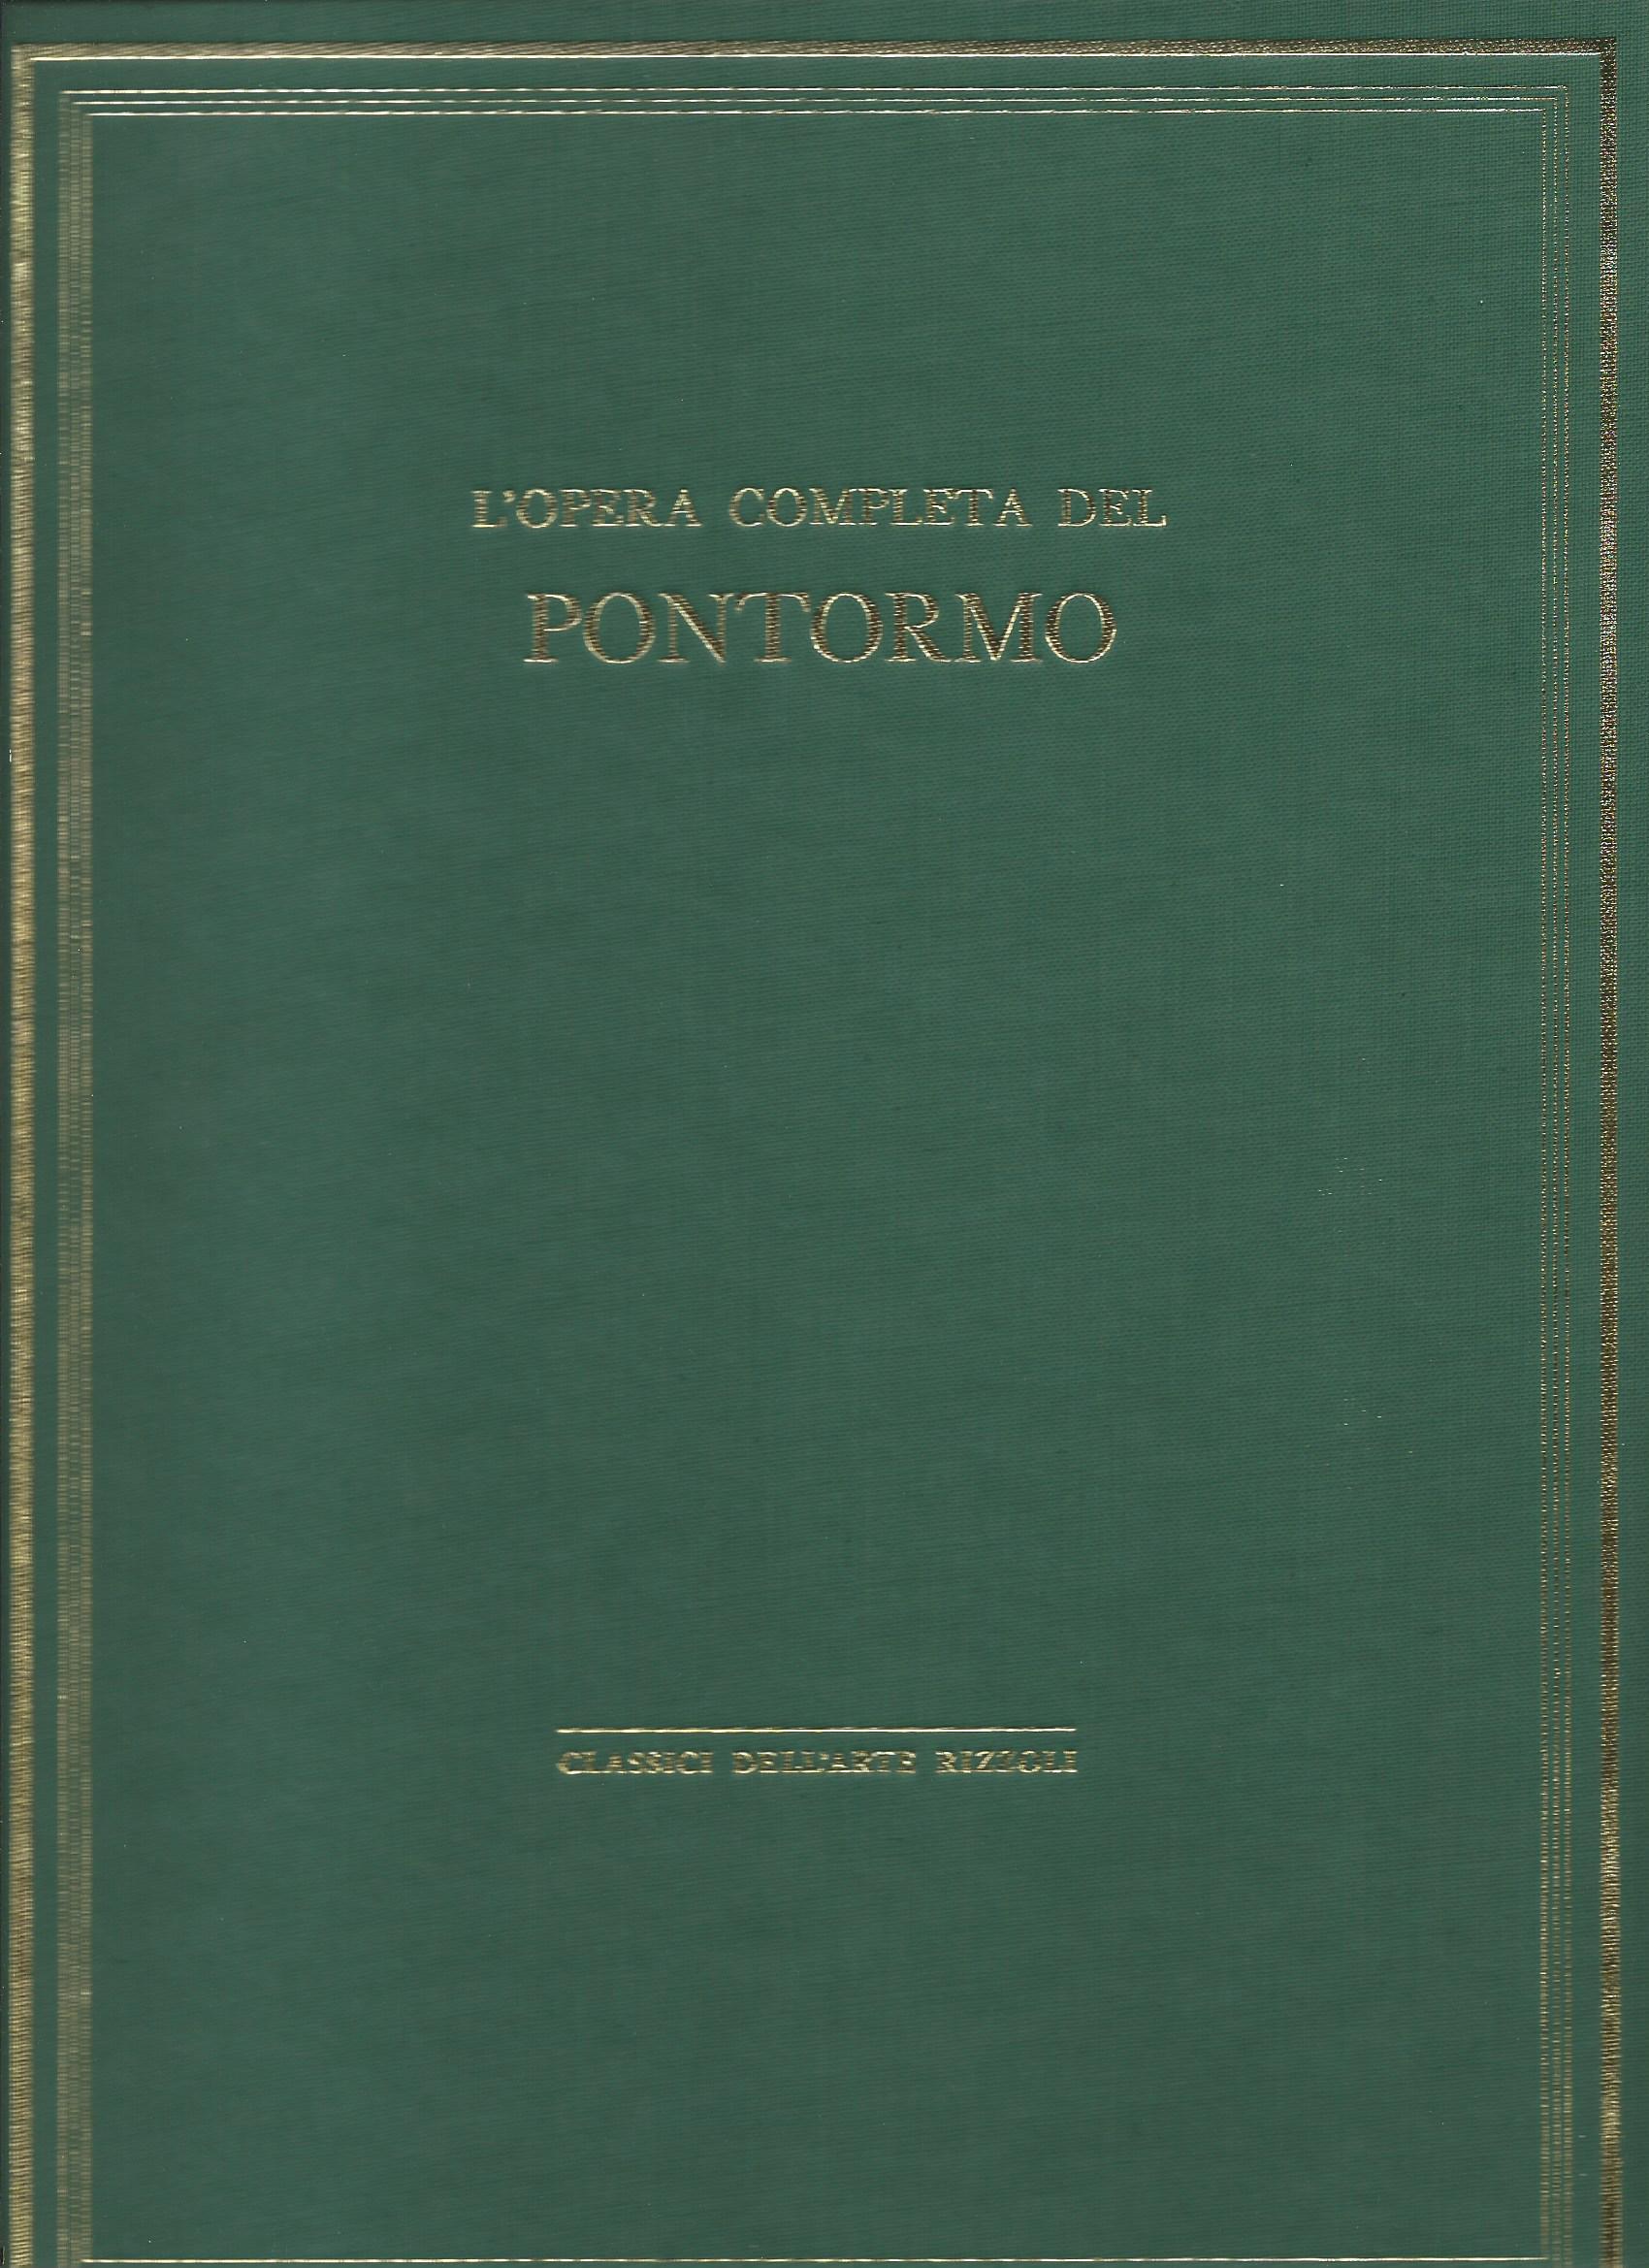 L'opera completa del Pontormo (Jacopo Carucci)